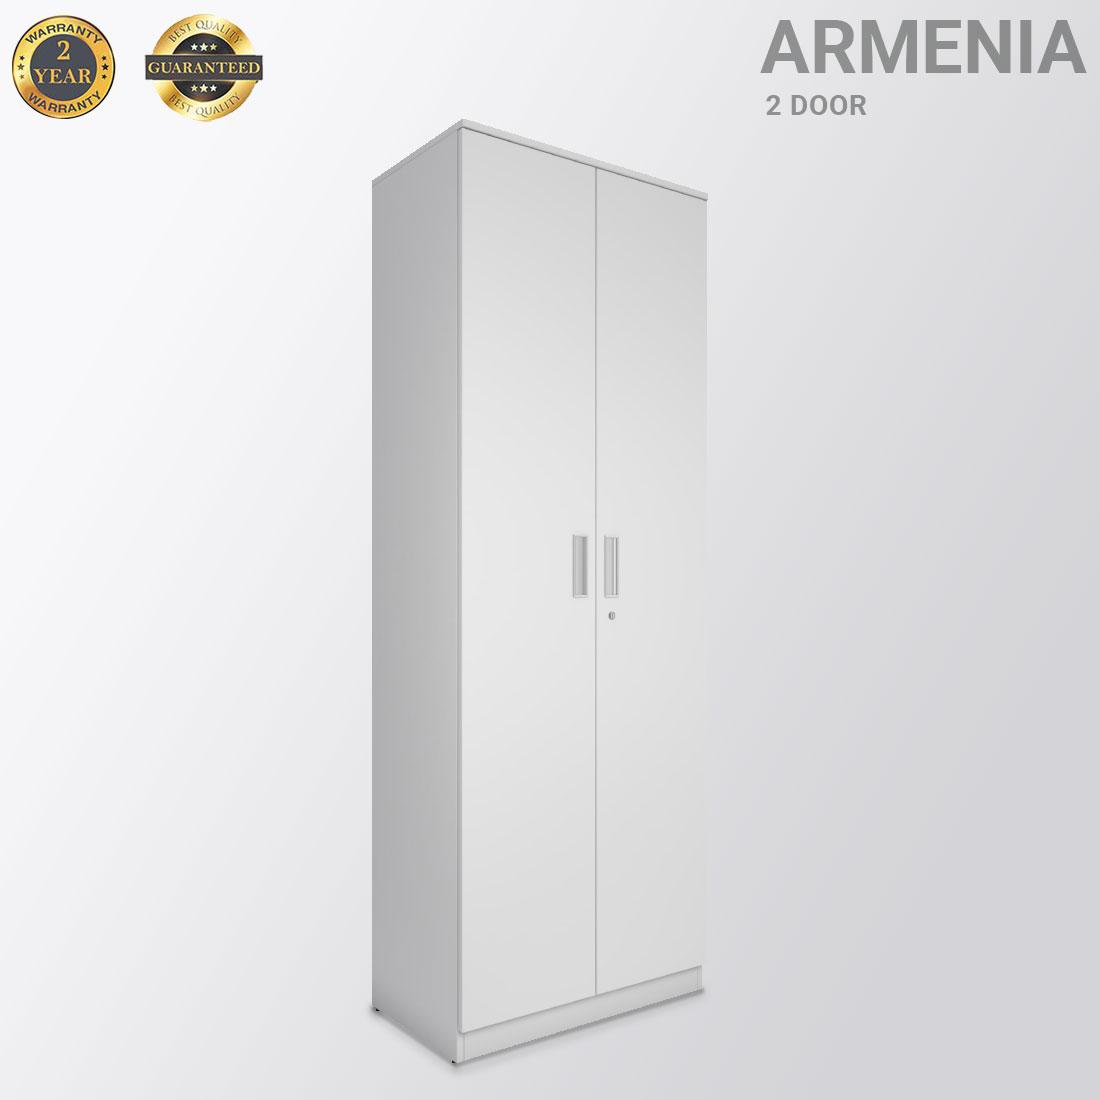 ARMENIA W 2 DOOR